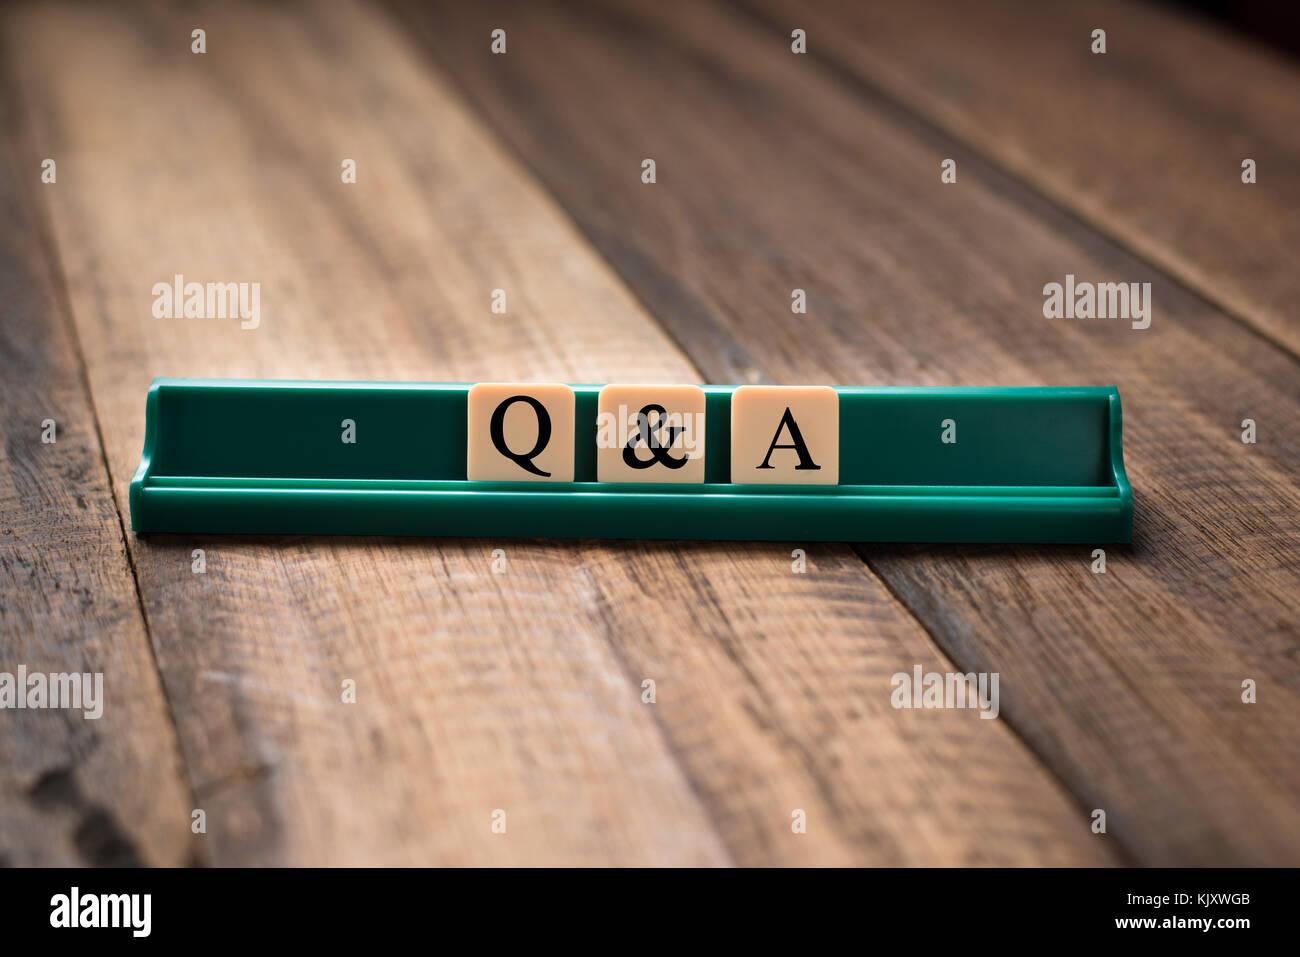 Queations et réponses Q&a concept. q&a sur lettre alphabet tuiles sur table en bois Photo Stock